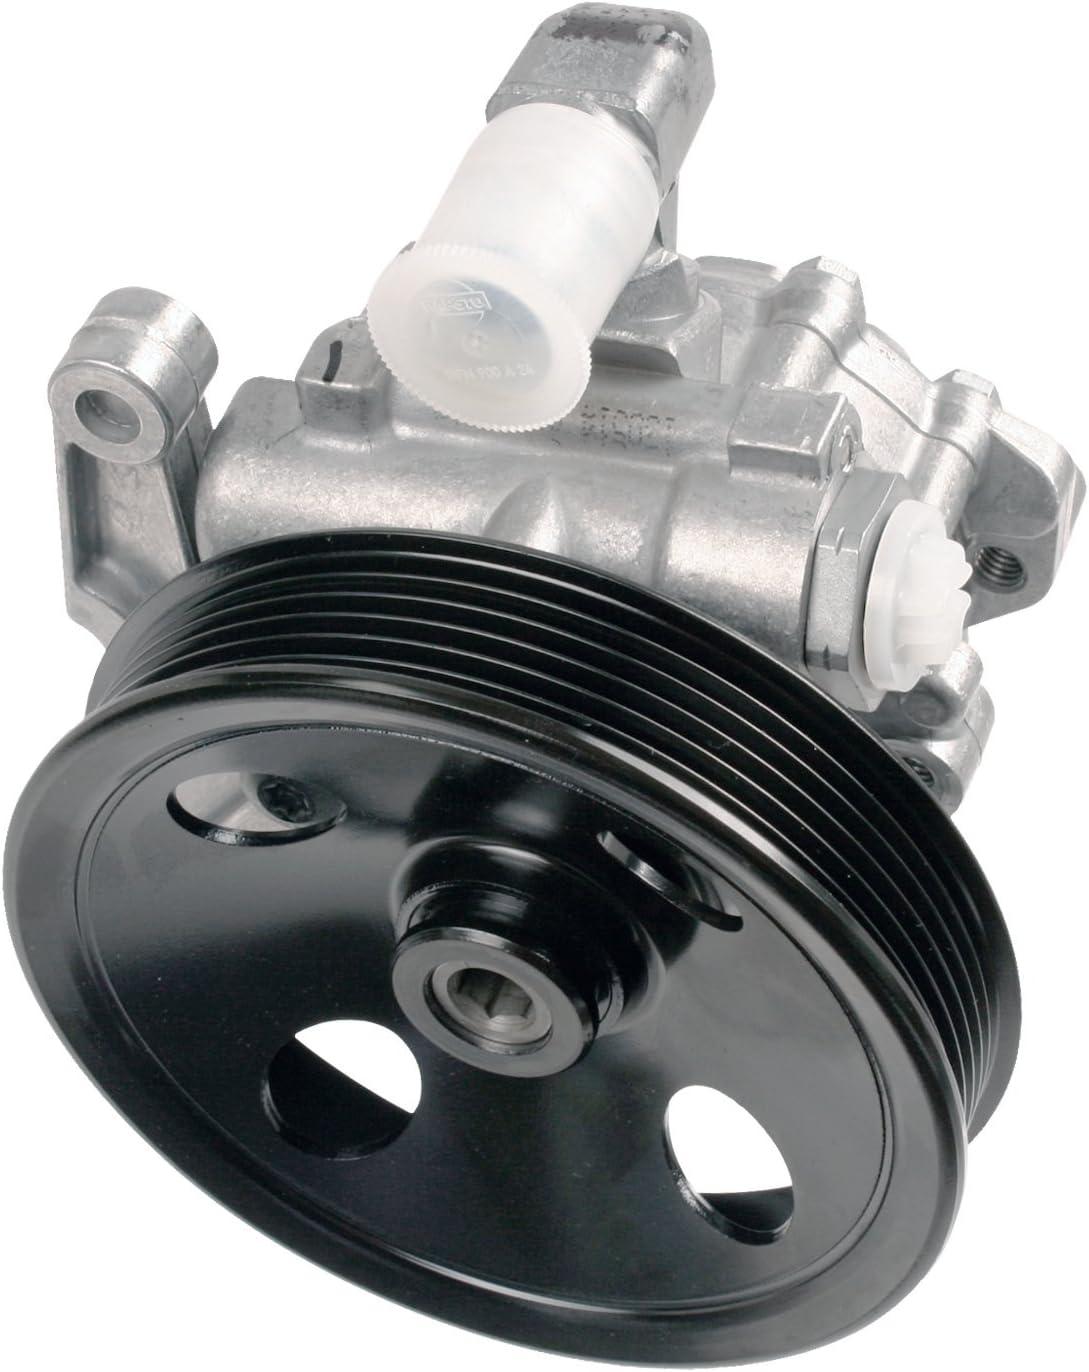 Bosch Automotive KS01000602 Remanufactured Power Steering Pump for Mercedes ML320 ML350 ML500